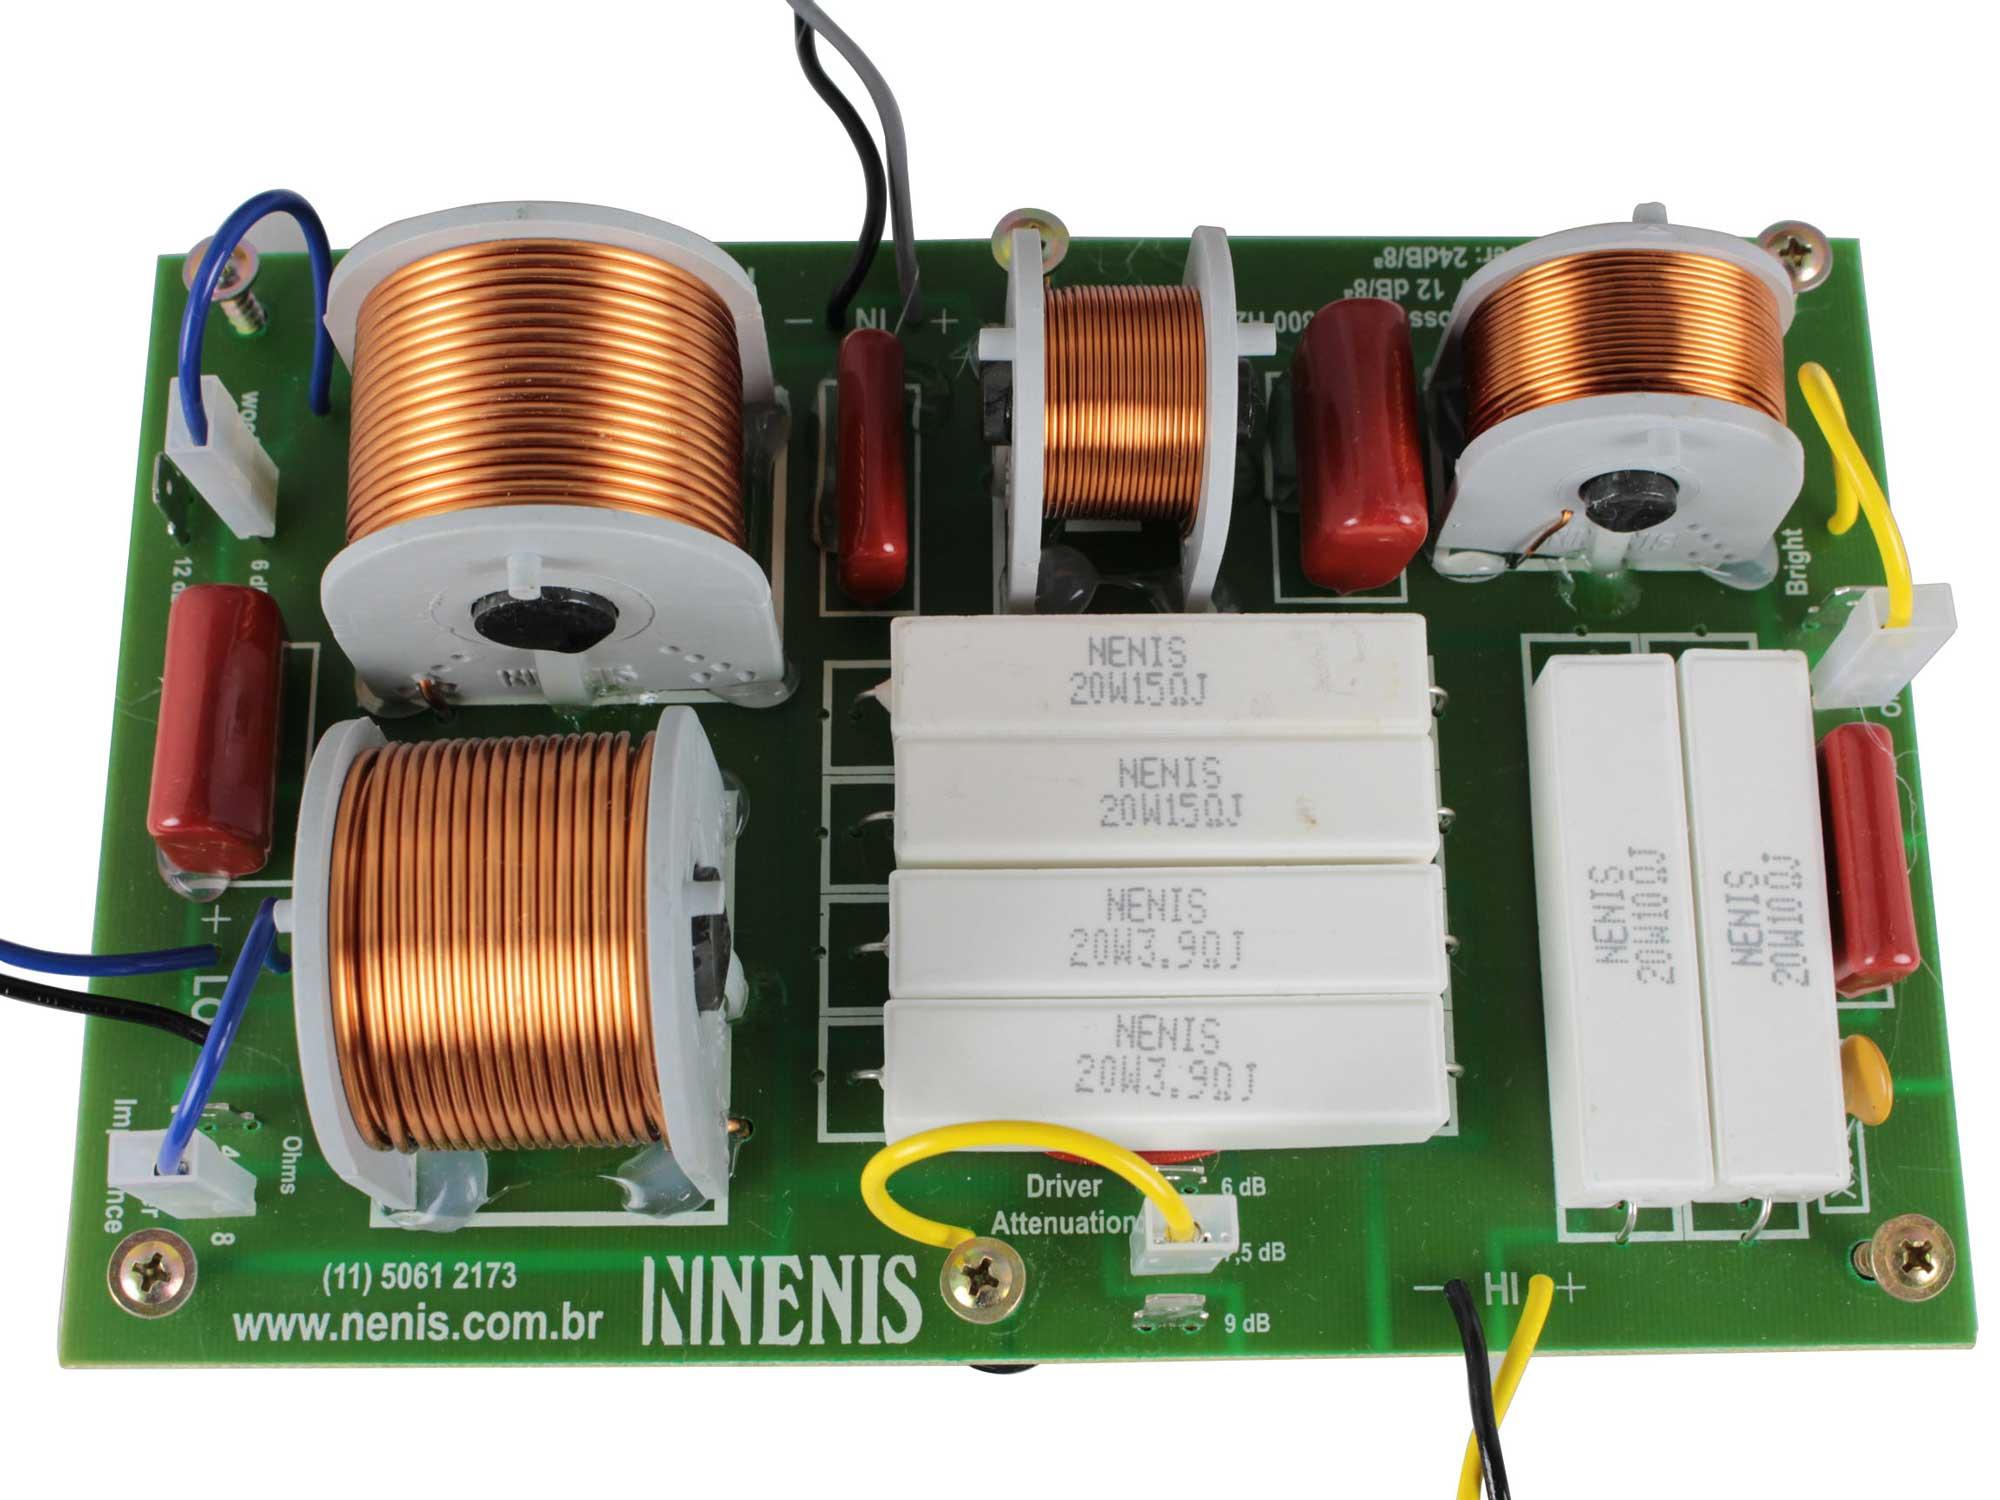 Divisor de Frequência 2 vias Passivo | 1 ou 2 Alto-falantes + 1 Driver Titanium de até 1200W RMS | DF1202TI | Nenis